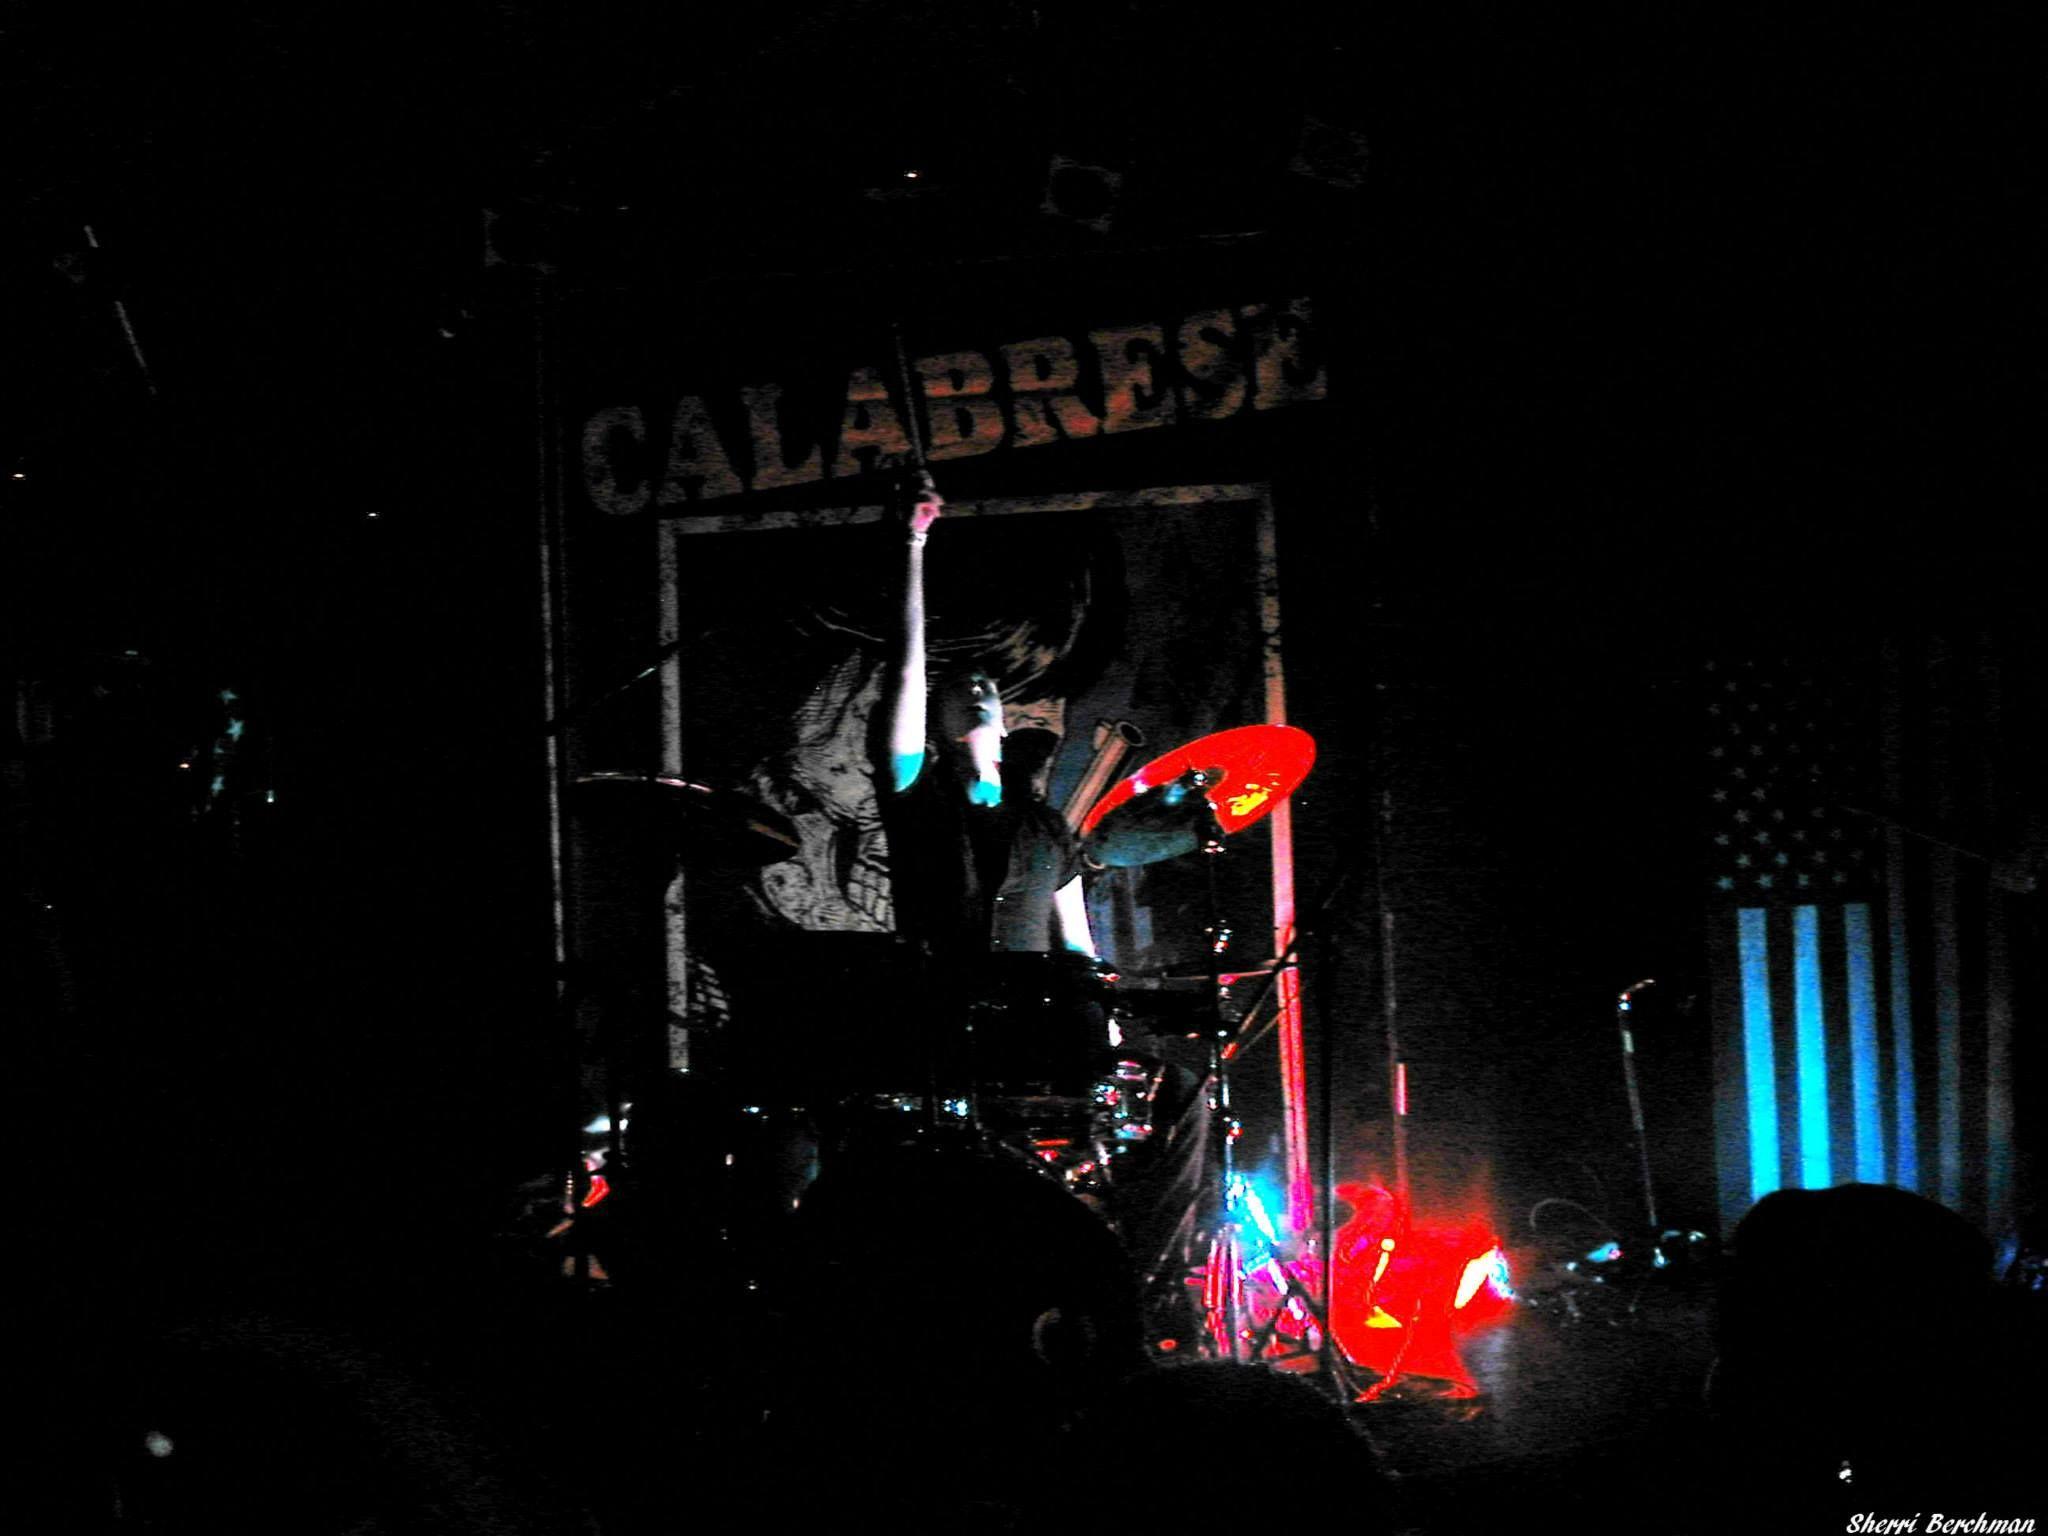 Davey Calabrese